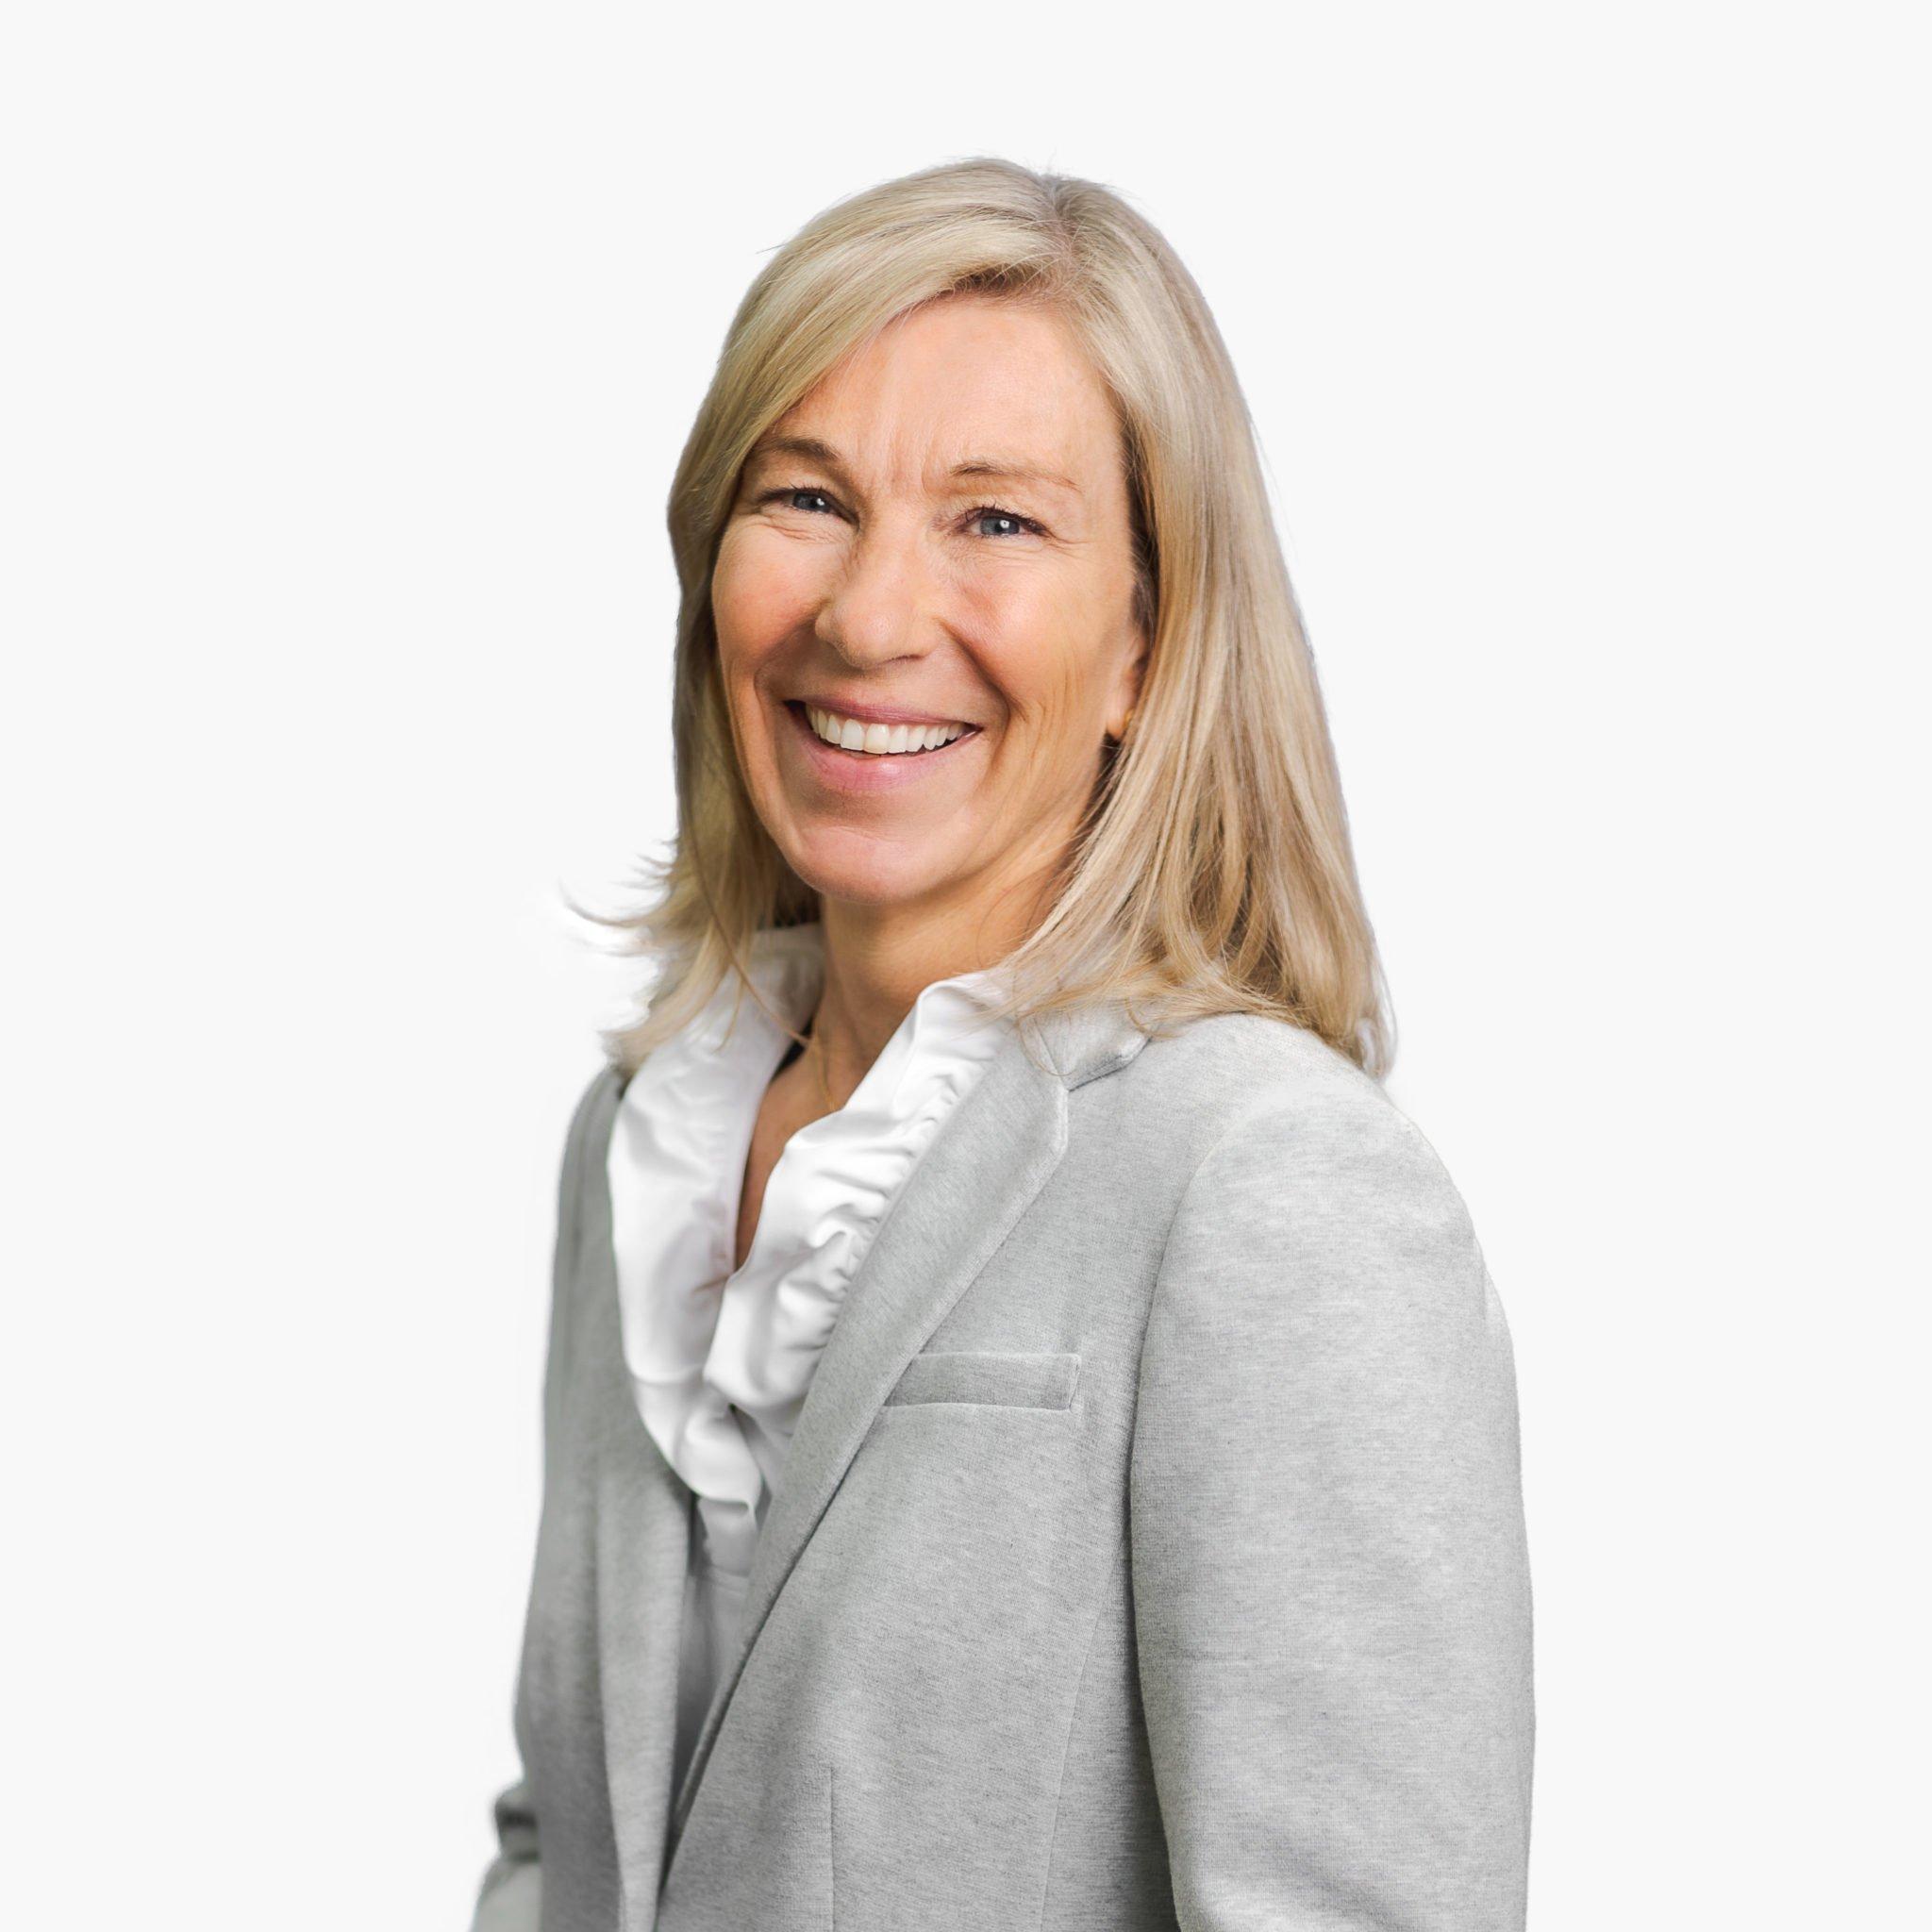 Lyn Dippel